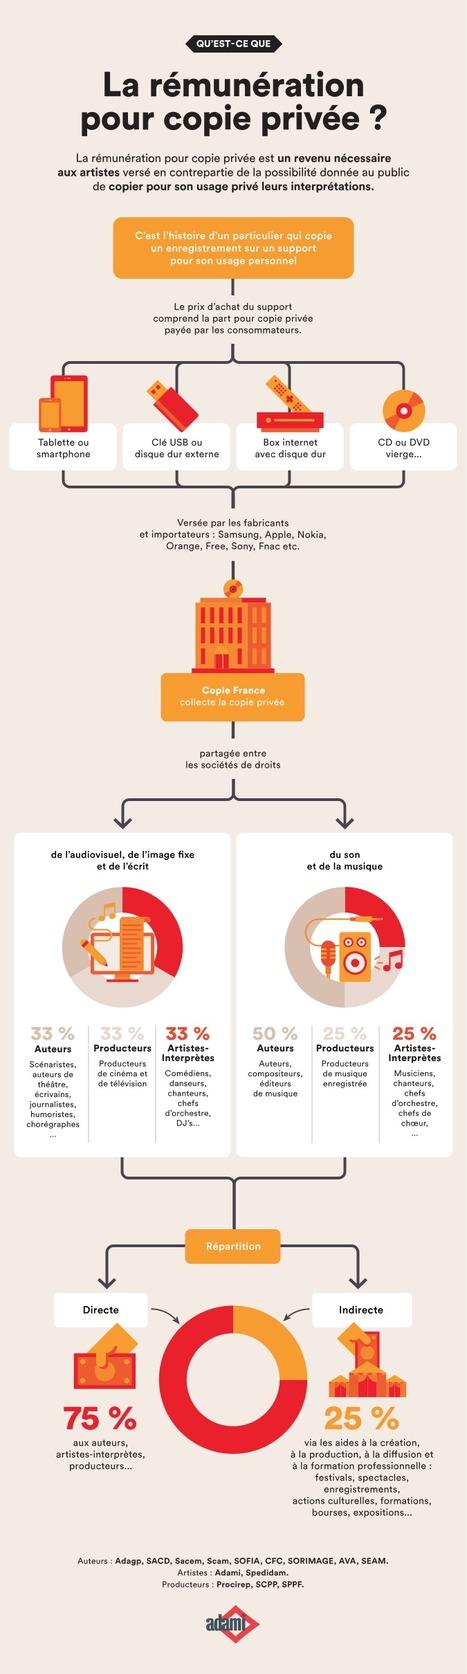 La rémunération pour copie privée (via l'Adami) | Actu filière musique | Scoop.it